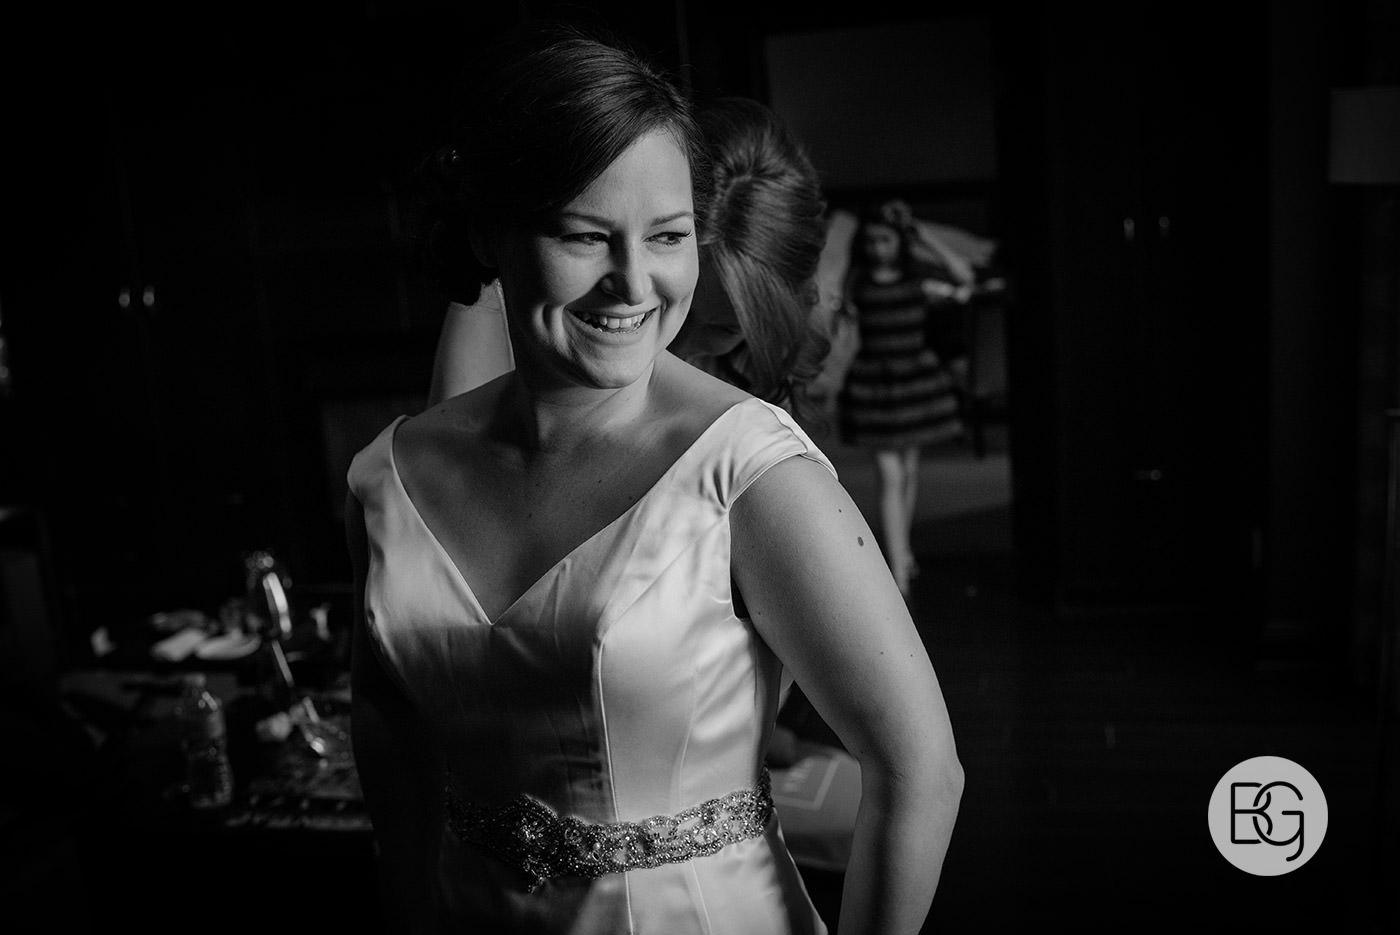 Calgary_brunch_wedding_edmonton_wedding_photographer_danielle_farhan_09.jpg